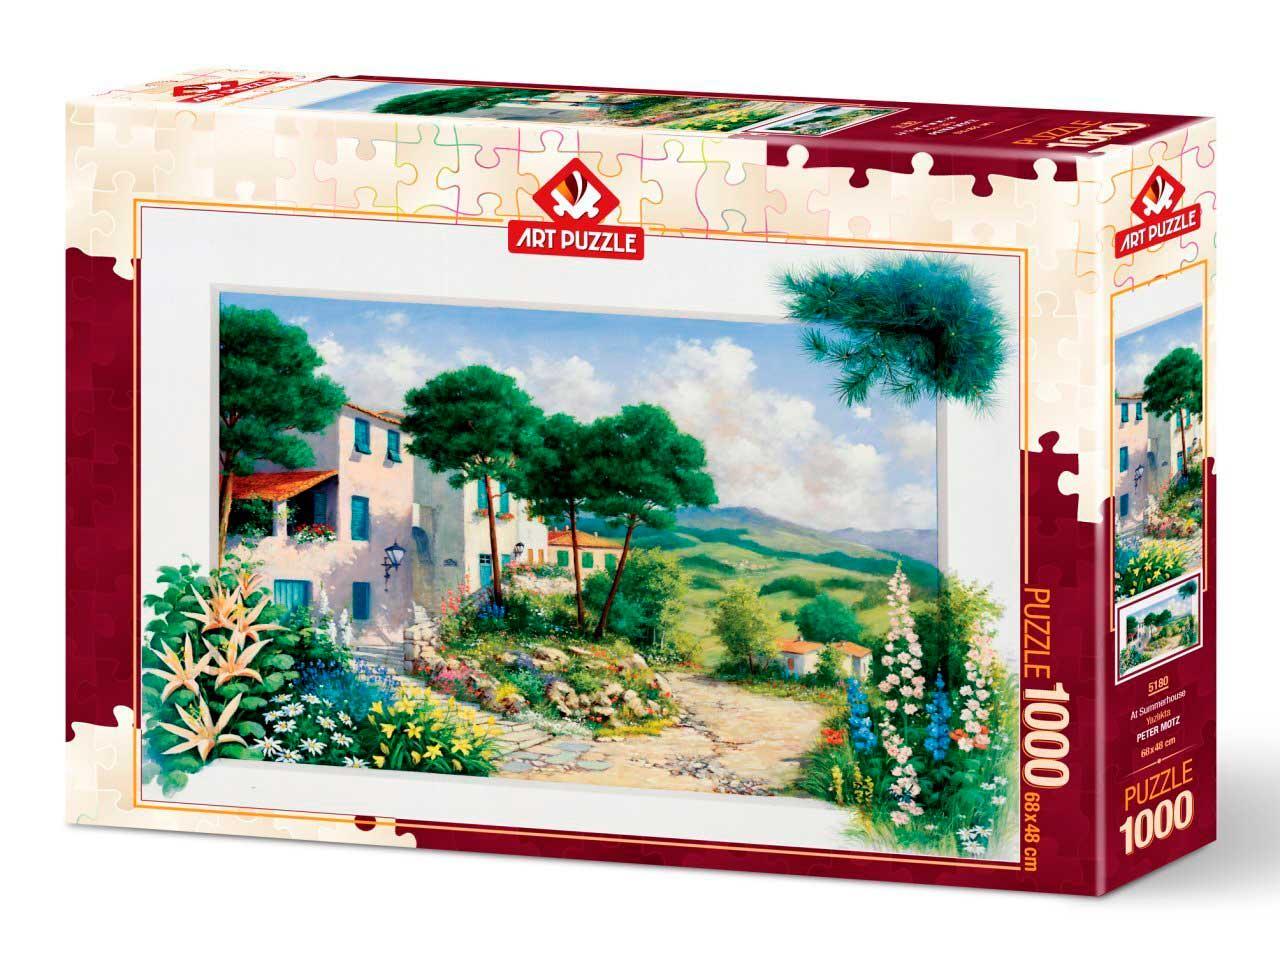 Puzzle Art Puzzle En La Casa de Verano de 1000 Piezas